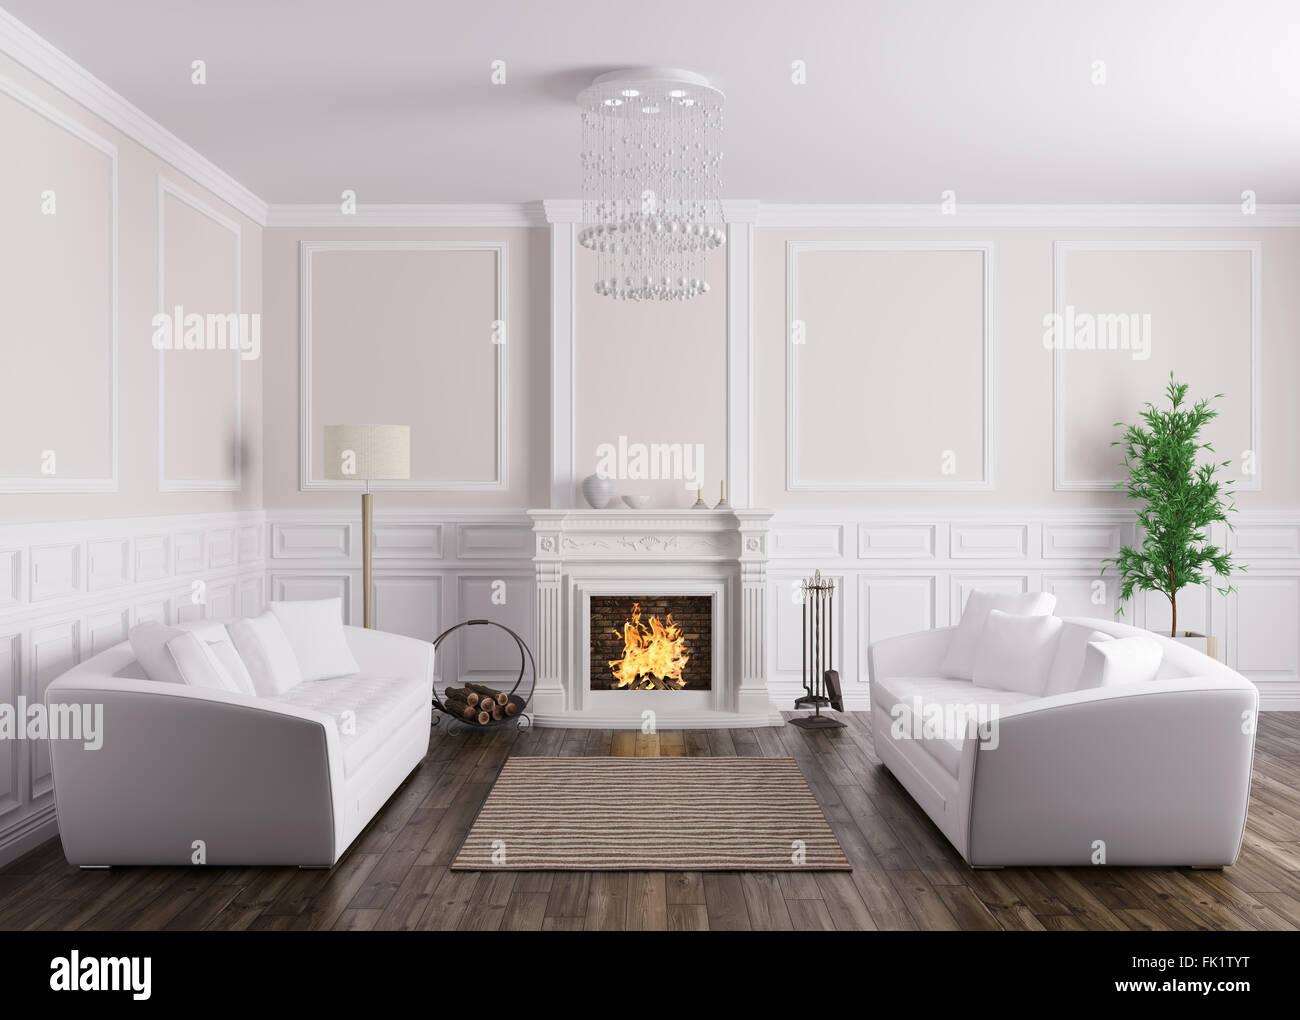 Klassische Einrichtung von Wohnzimmer mit zwei weißen Sofas ...